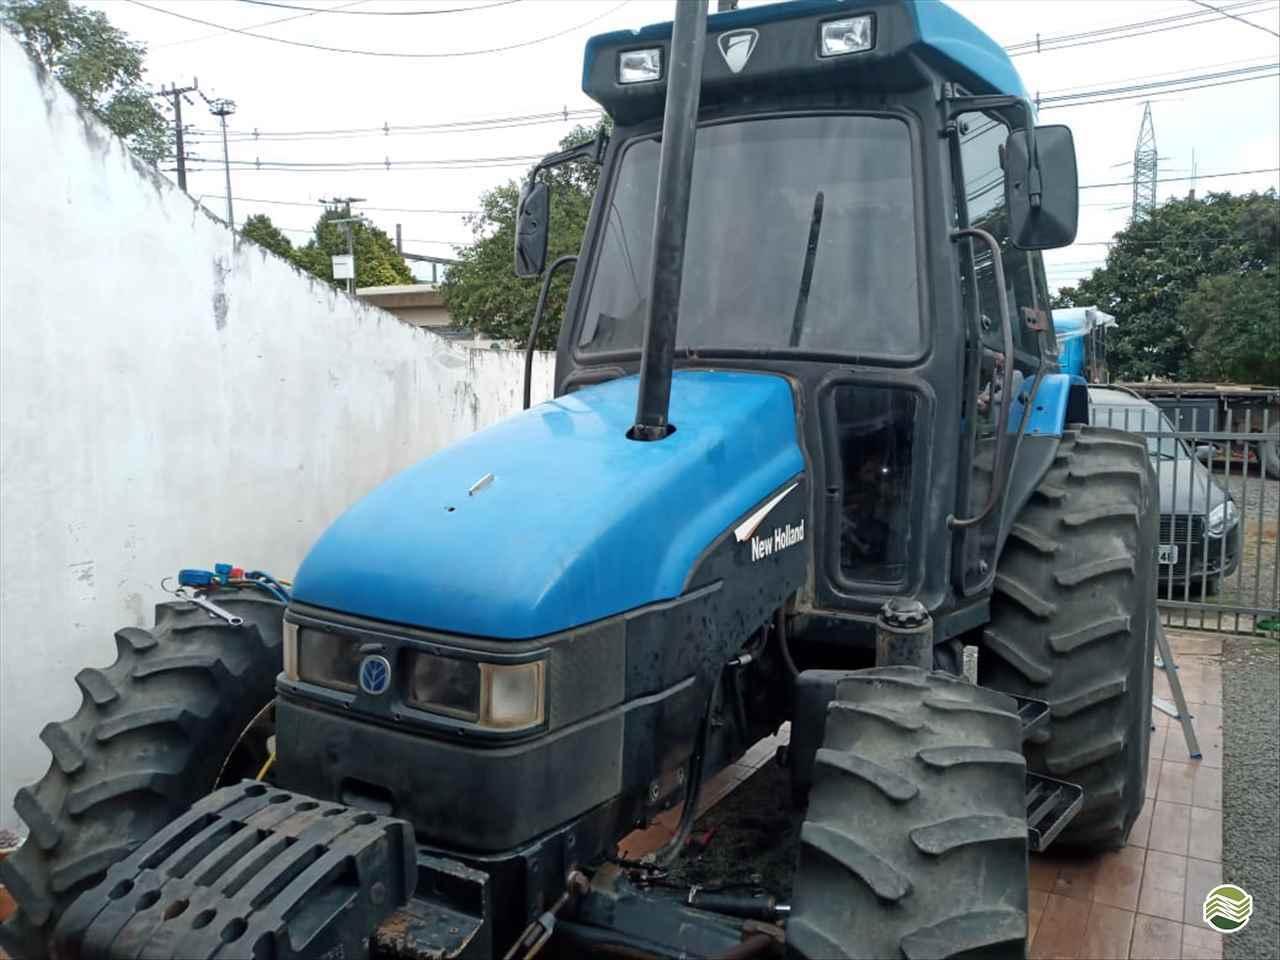 TRATOR NEW HOLLAND NEW TL 75 Tração 4x4 Dalzotto Equipamentos Agrícolas PRUDENTOPOLIS PARANÁ PR